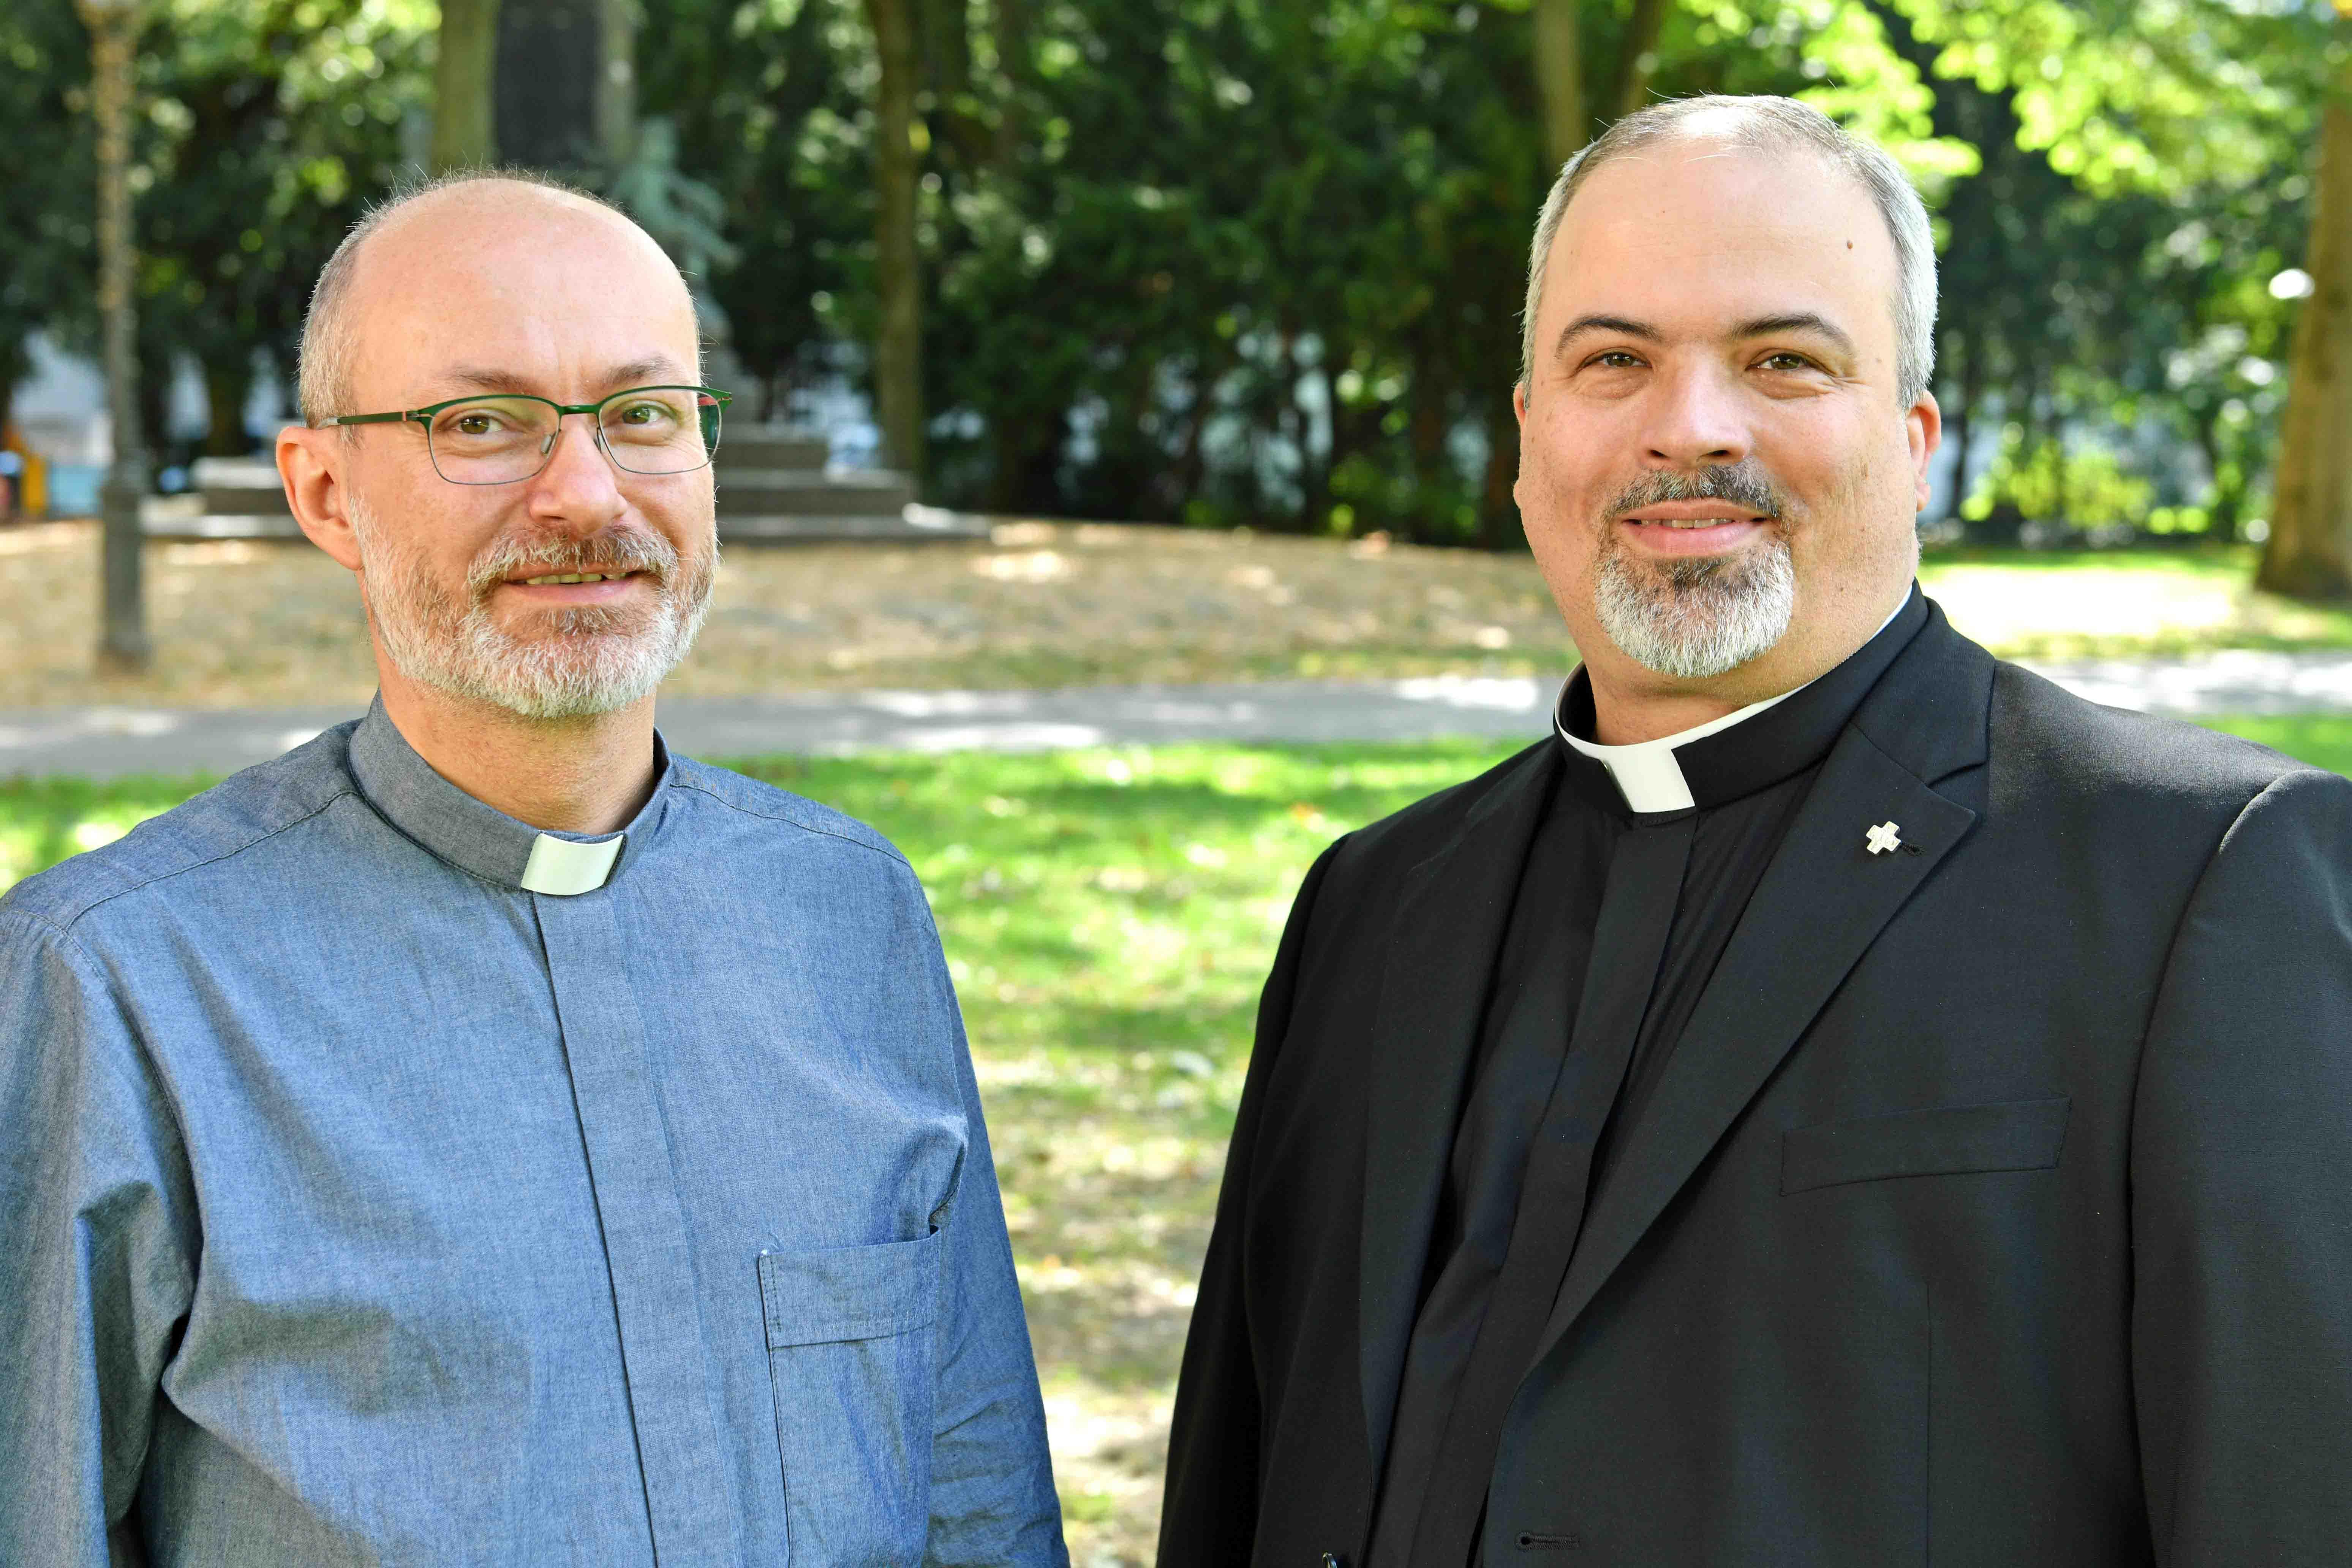 (v.l.) Diakon Andreas Theurer und Diakon André Schneider. (Foto: Nicolas Schnall / pba)